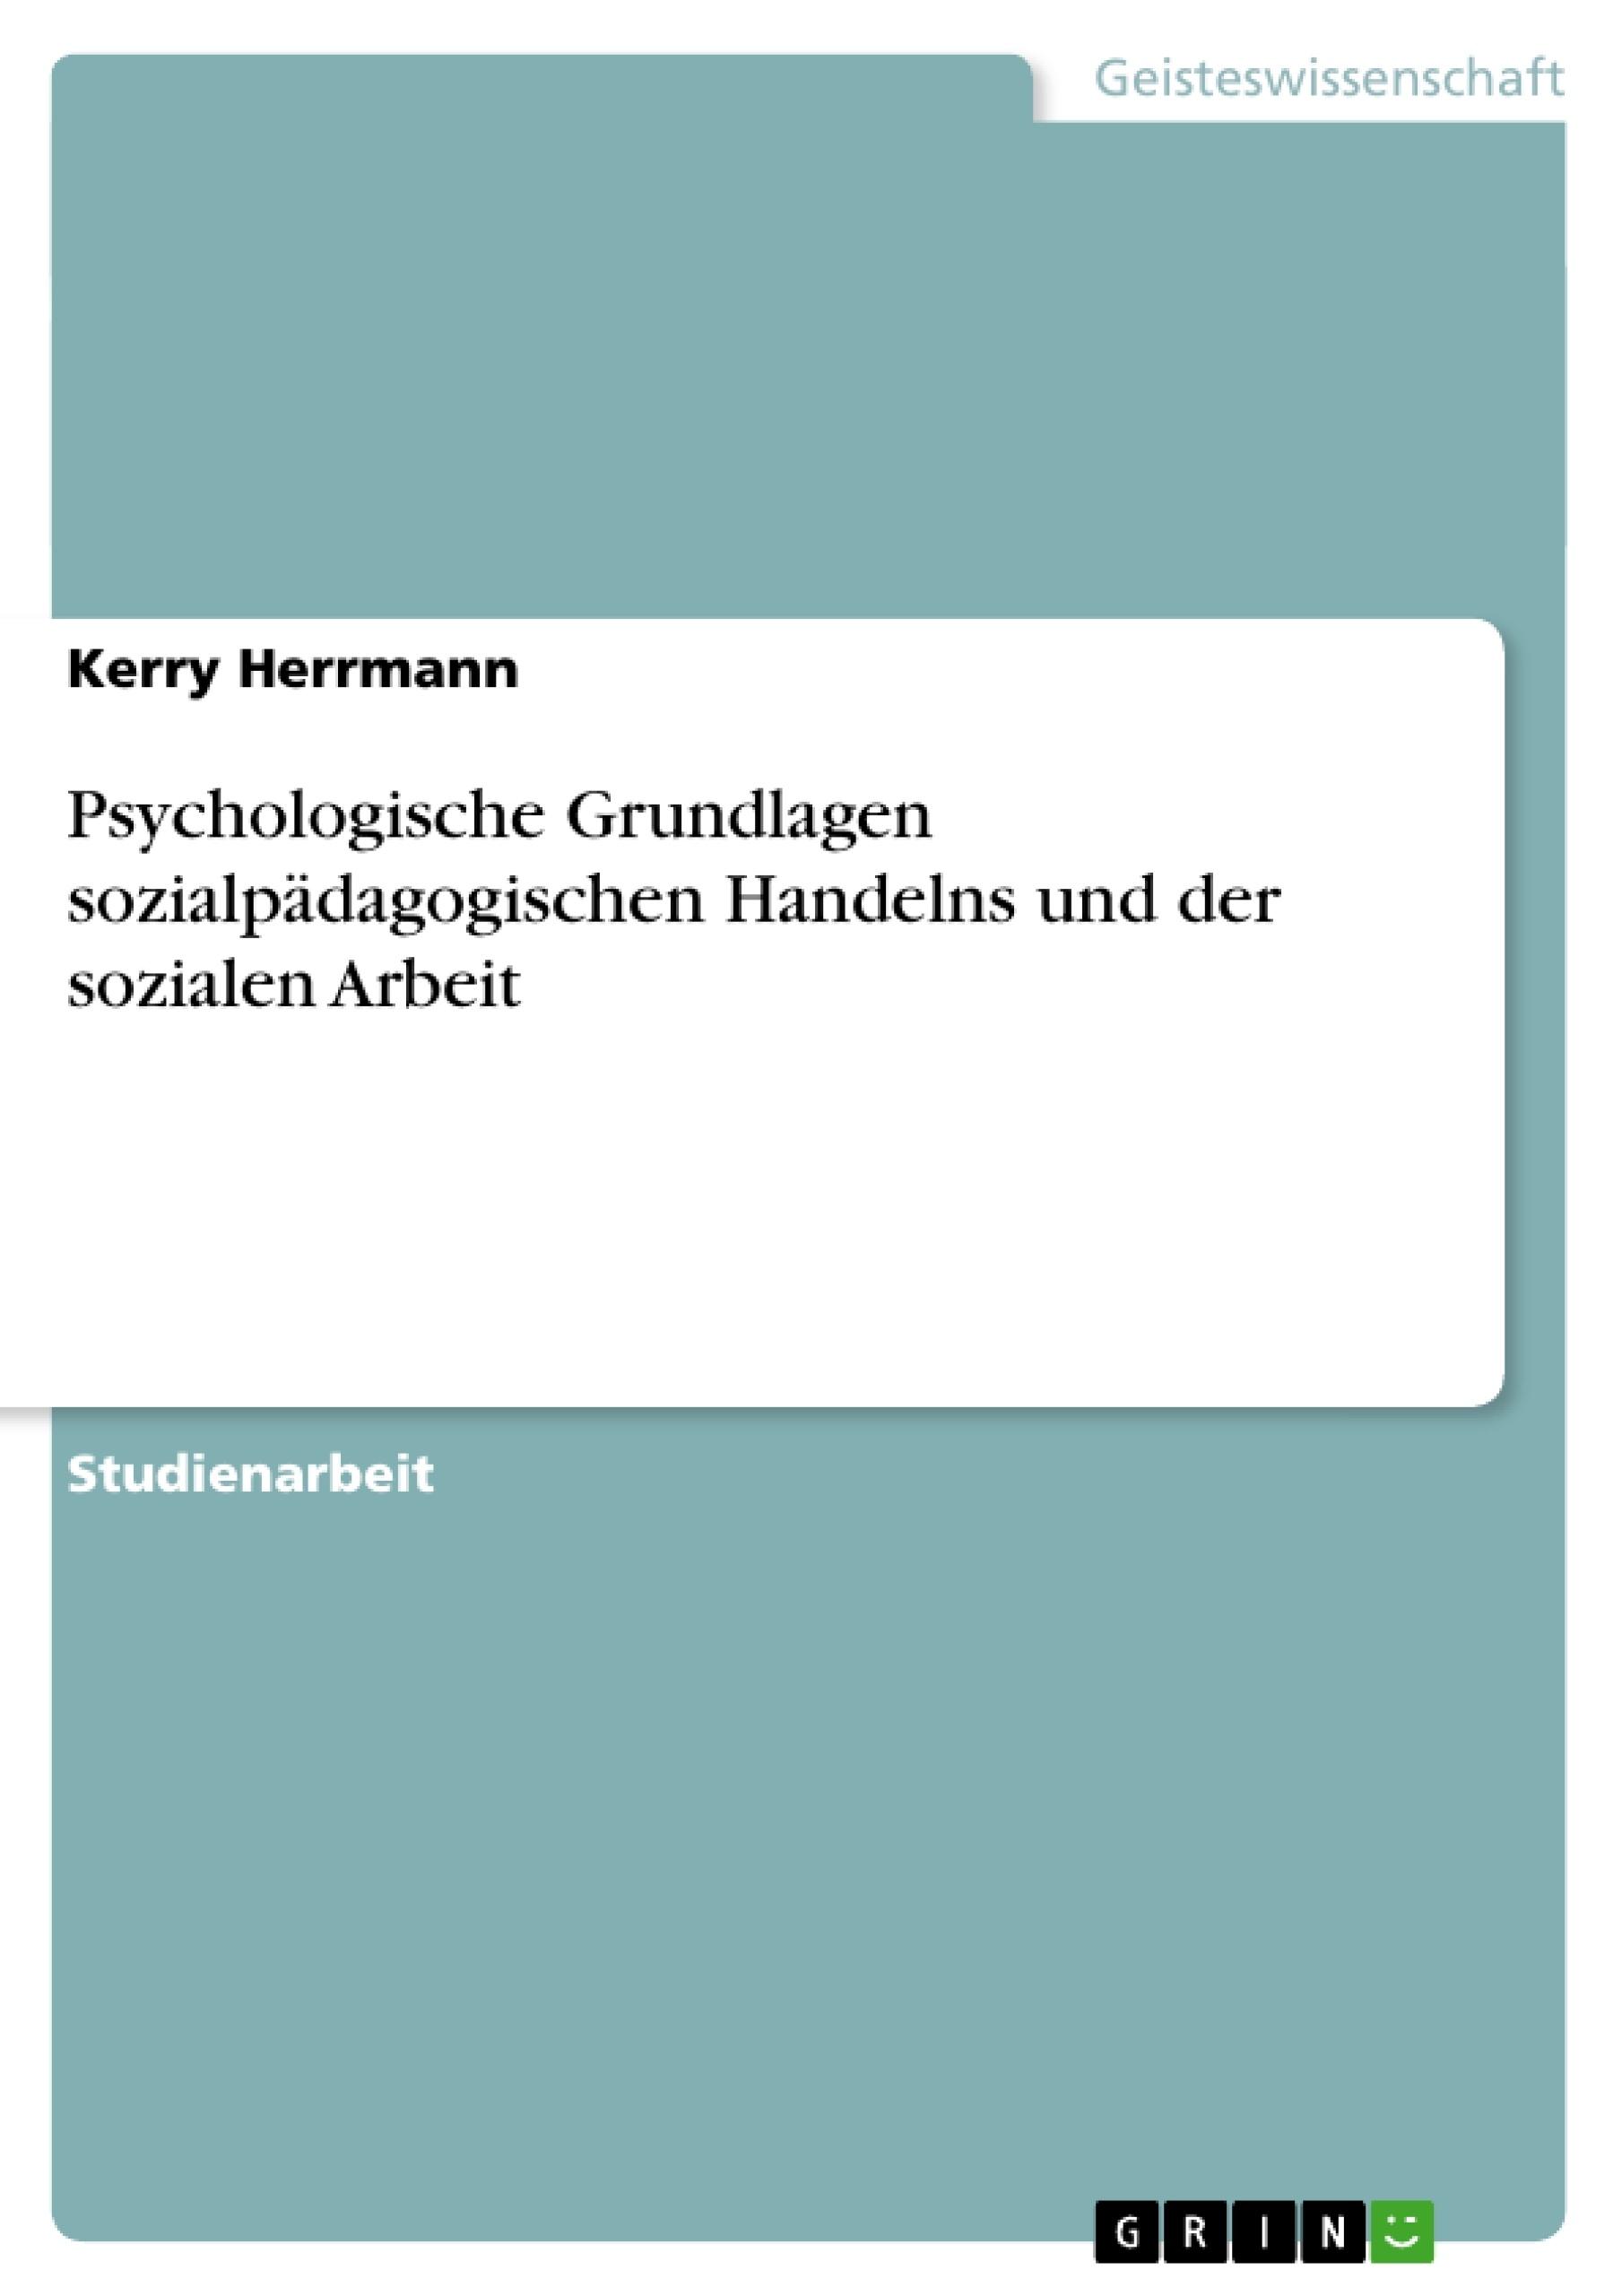 Titel: Psychologische Grundlagen sozialpädagogischen Handelns und der sozialen Arbeit